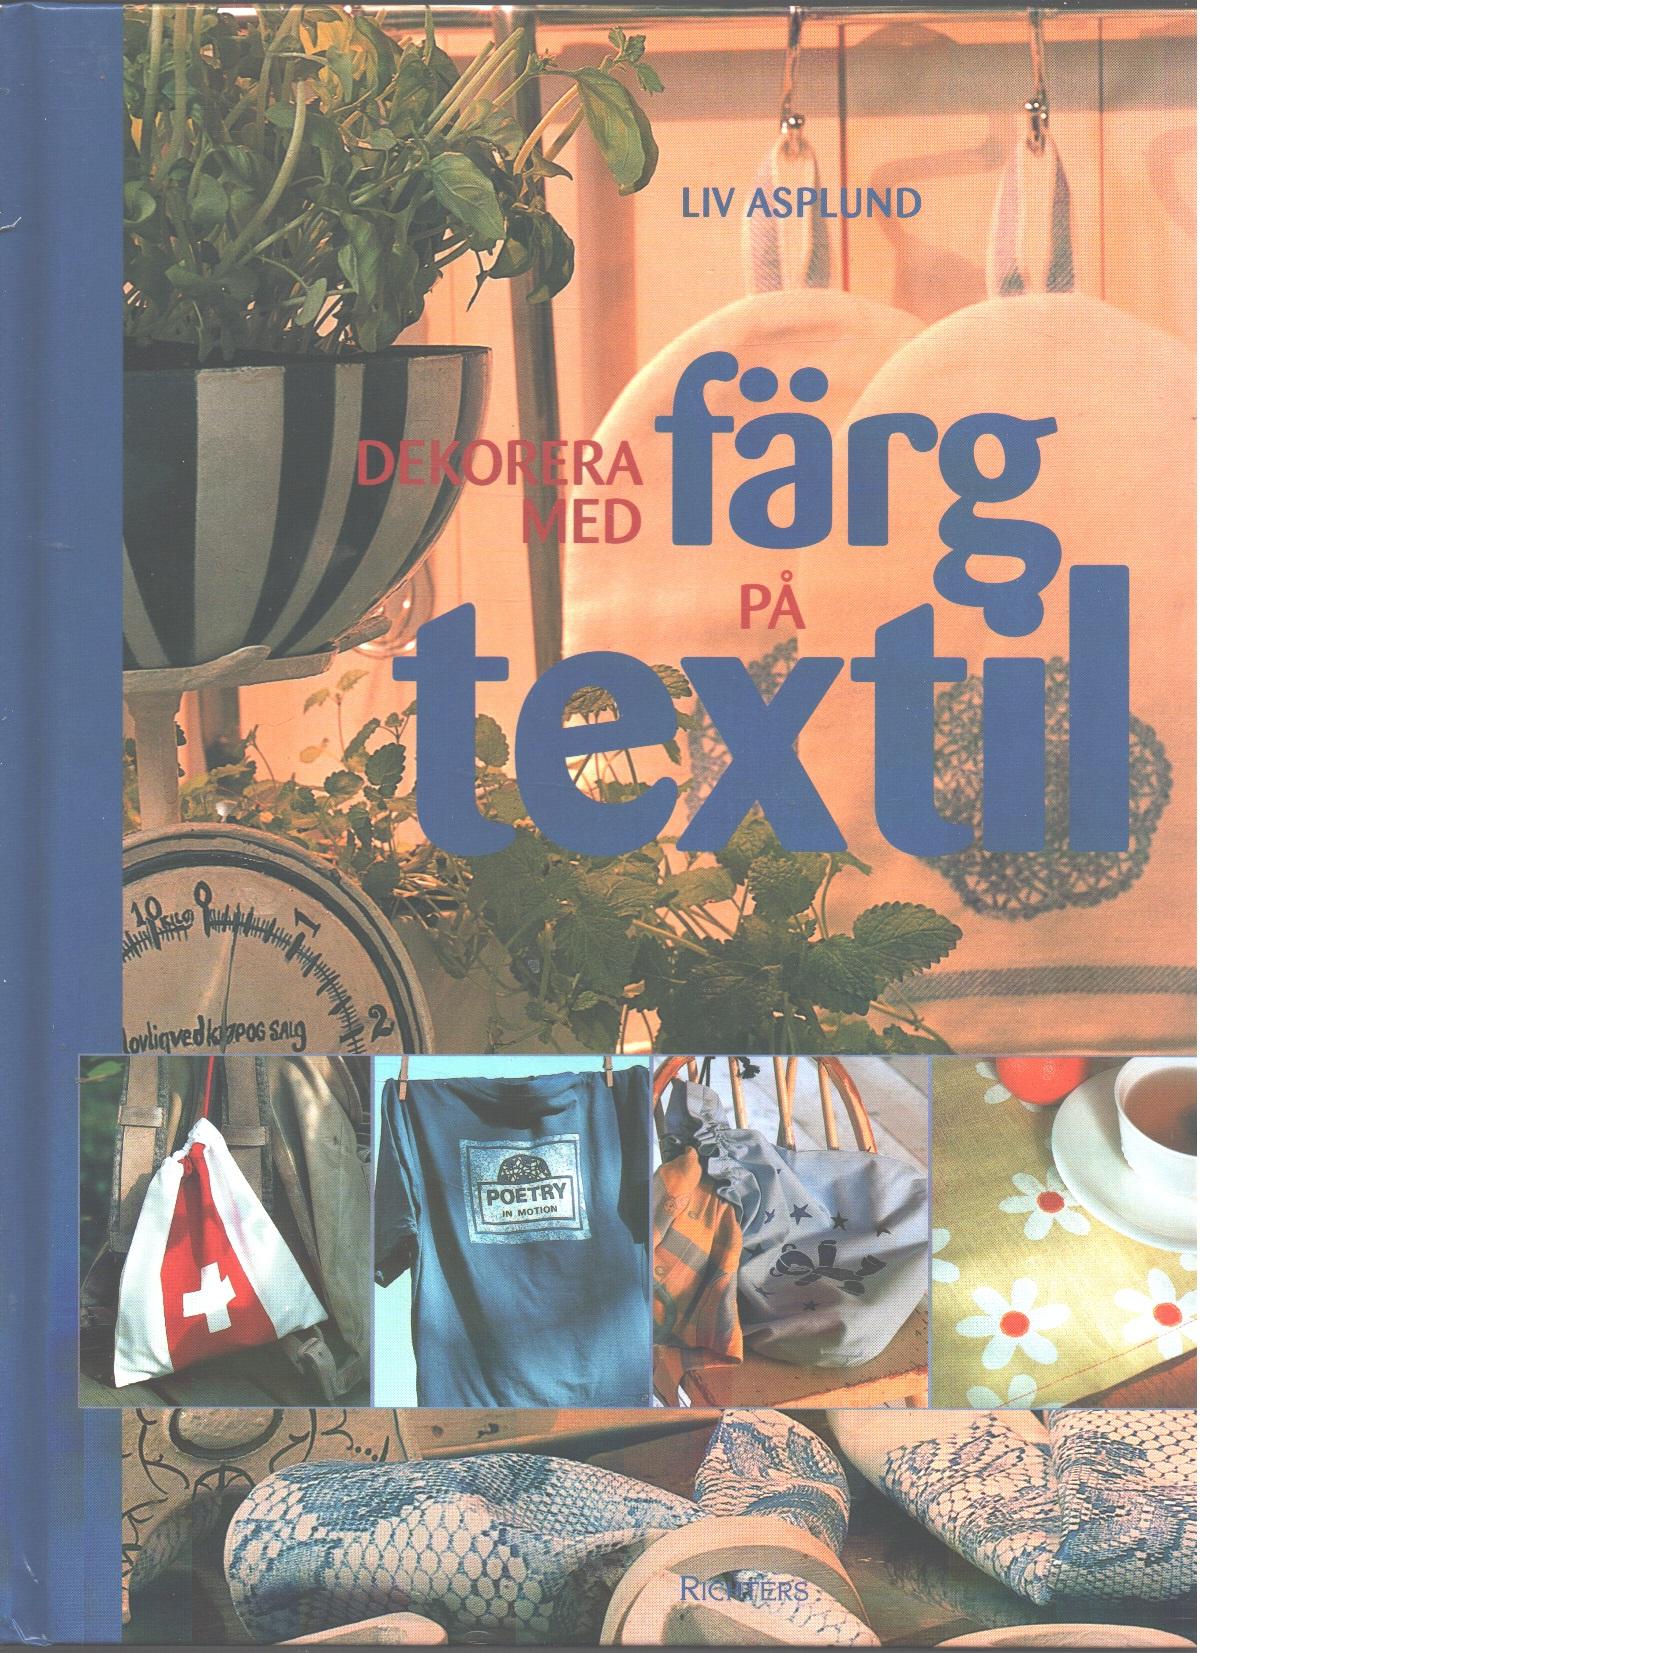 Dekorera med färg på textil - Asplund, Liv